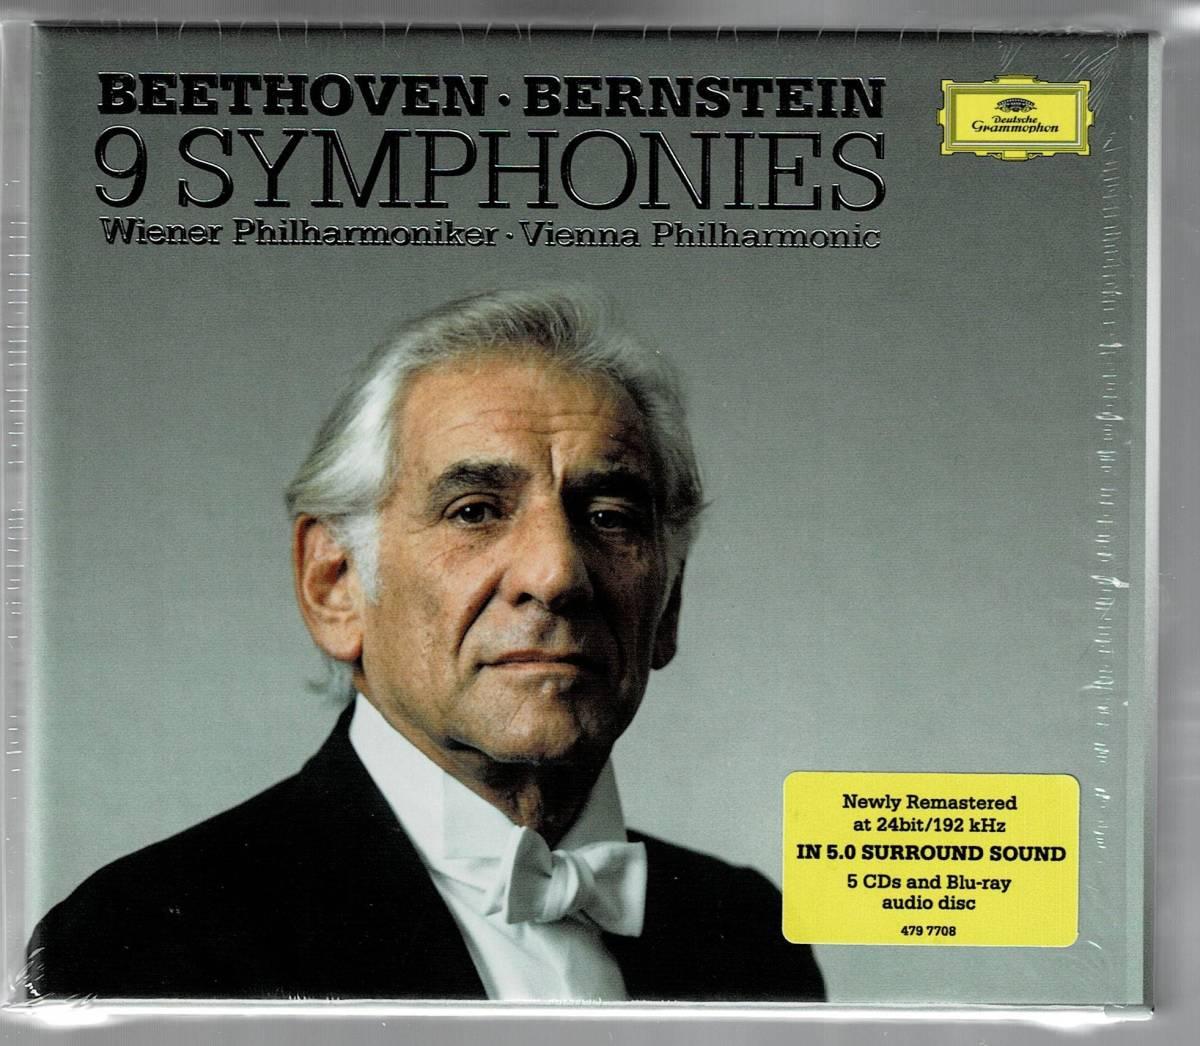 ベートーヴェン交響曲全集 レナード・バーンスタイン&ウィーン・フィル(5CD+ブルーレイ・オーディオ)新品同様